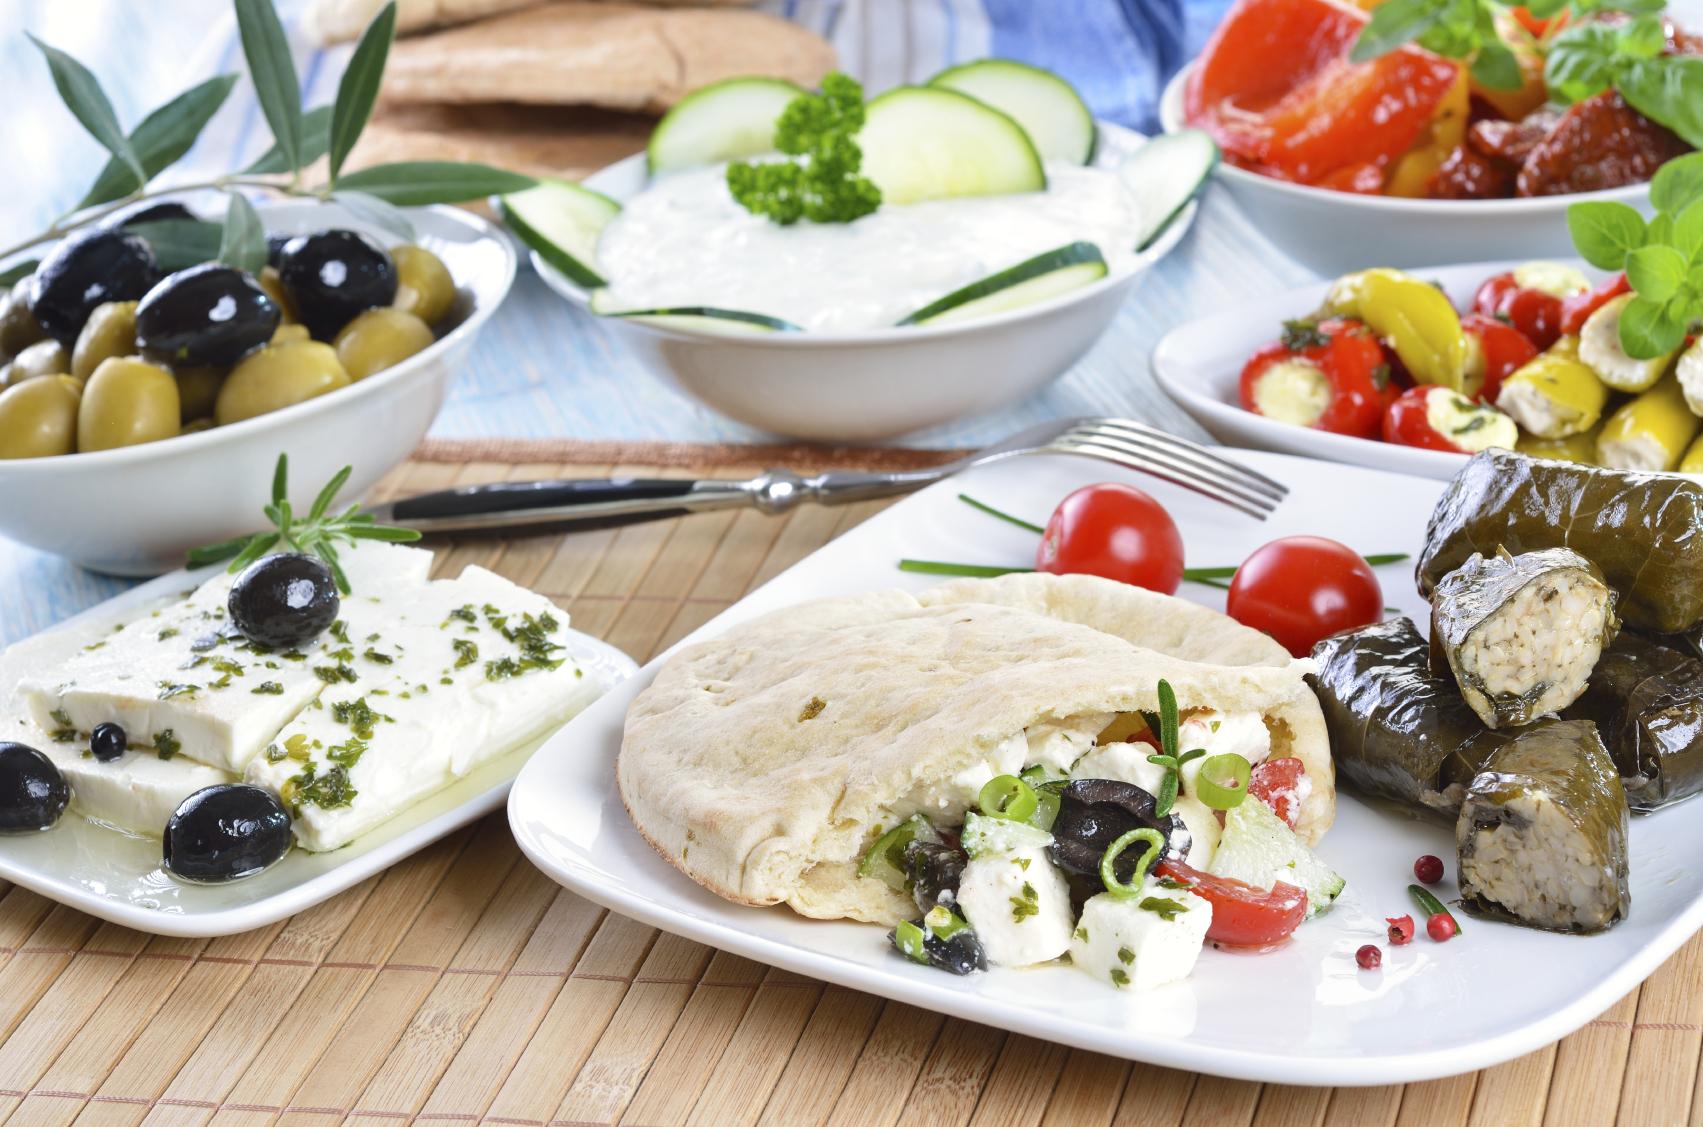 Griechische Küche: Das schmeckt nach Urlaub! | desired.de